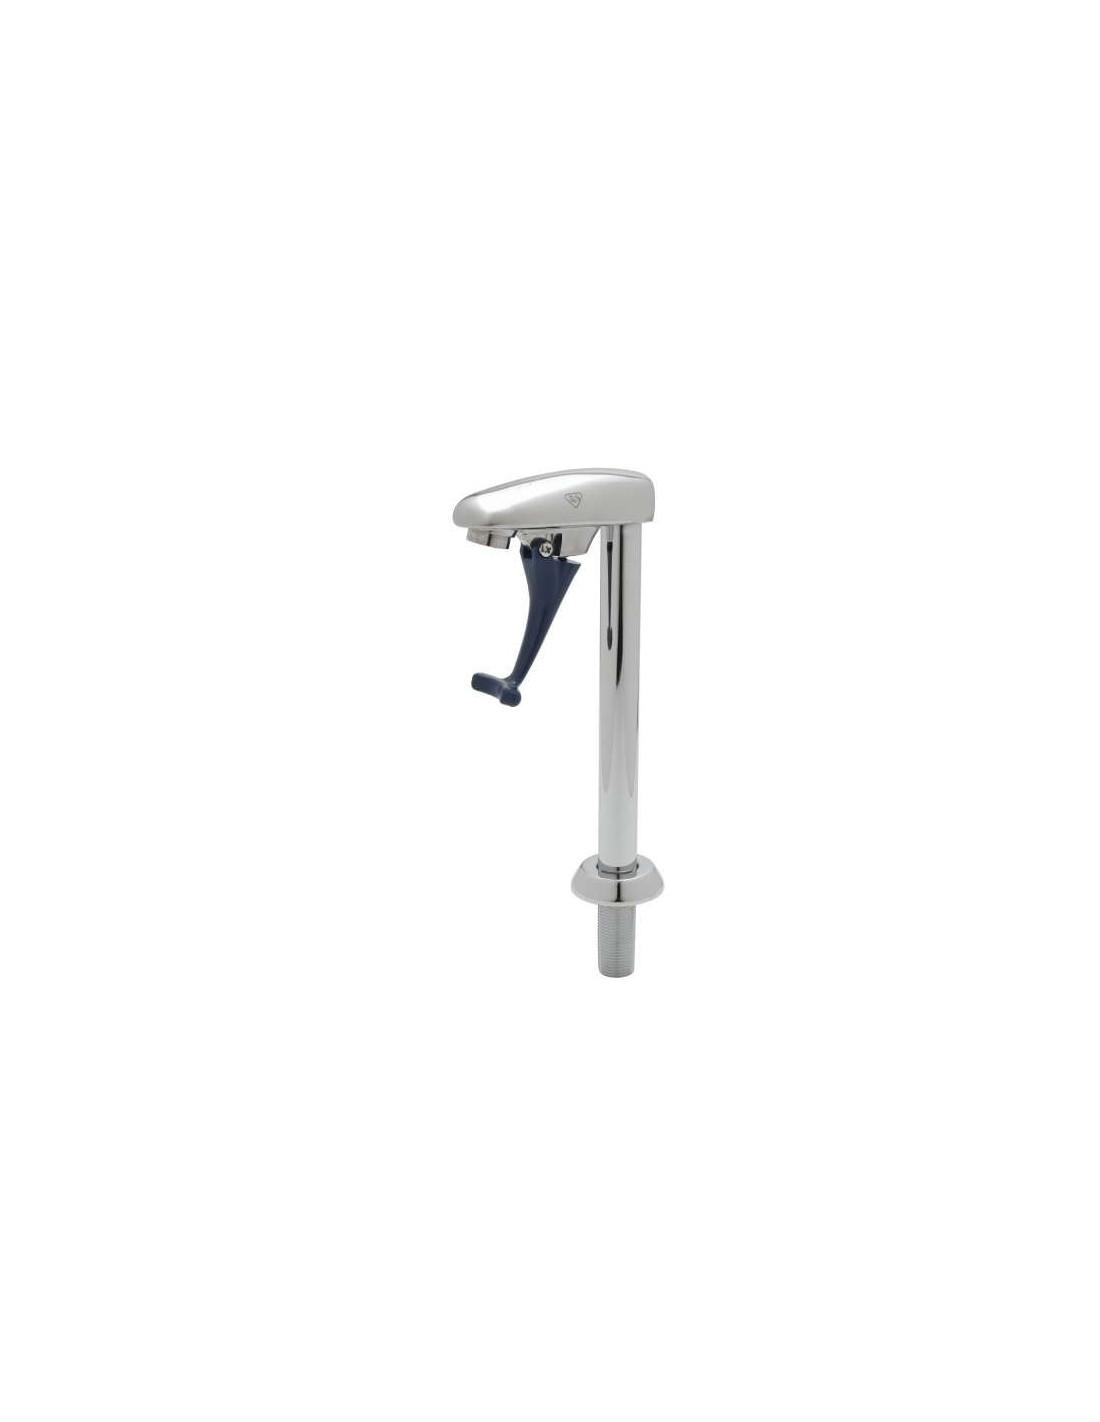 """UPP00152 - Glass Filler, 10"""" Deck Mount Pedestal, 1/2"""" NPT Male Shank"""